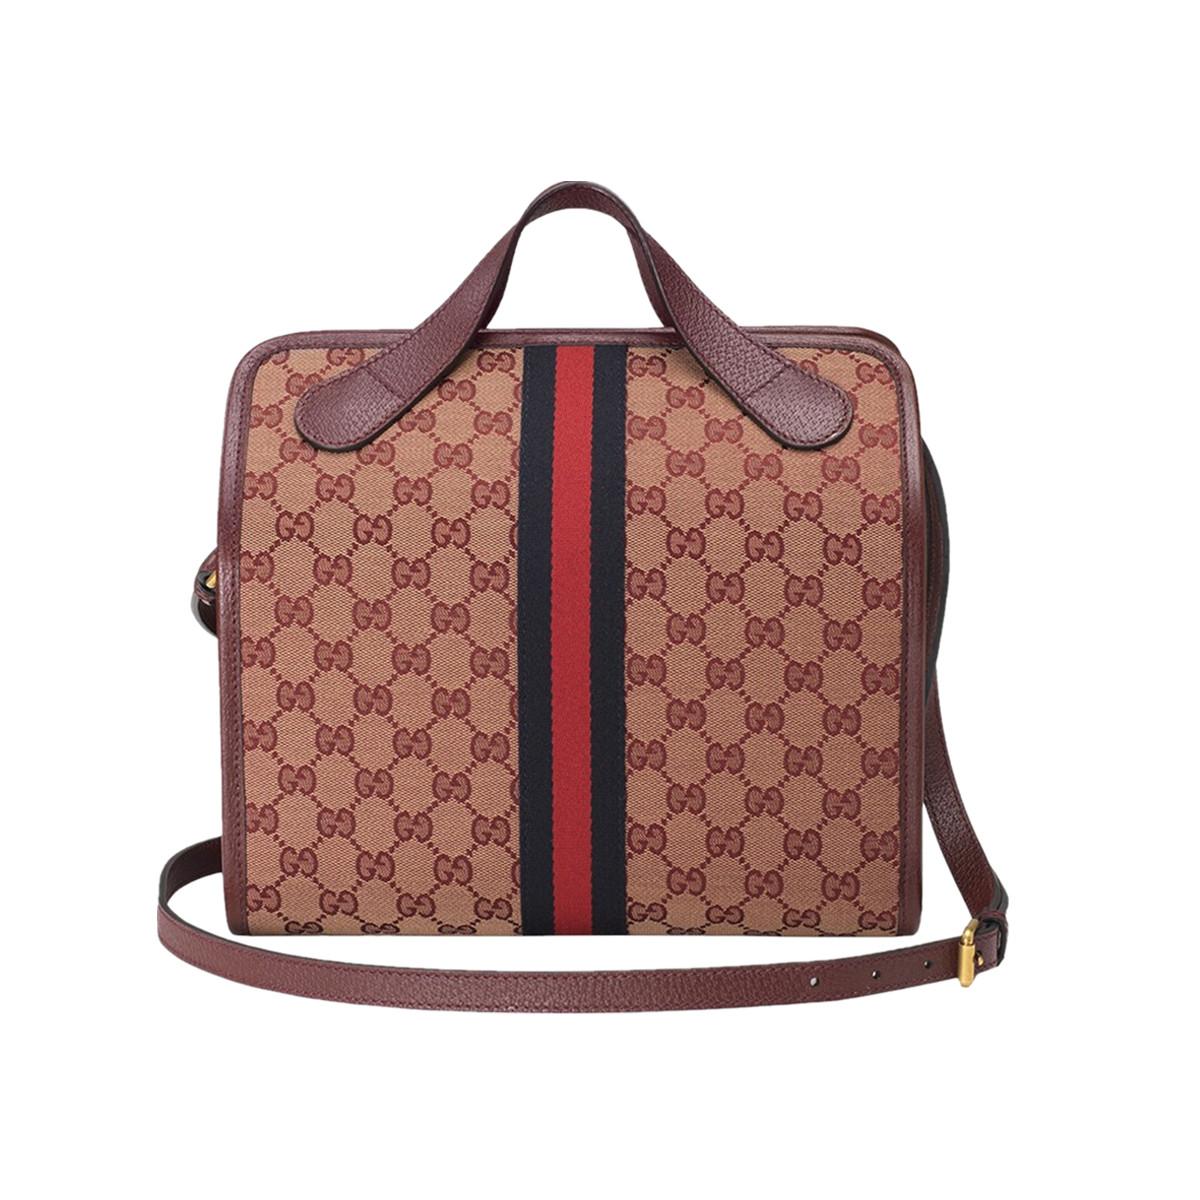 GUCCI | 【พิเศษครบรอบ】GUCCIกระเป๋าผู้ชายGGDuffleเดินทางกระเป๋า